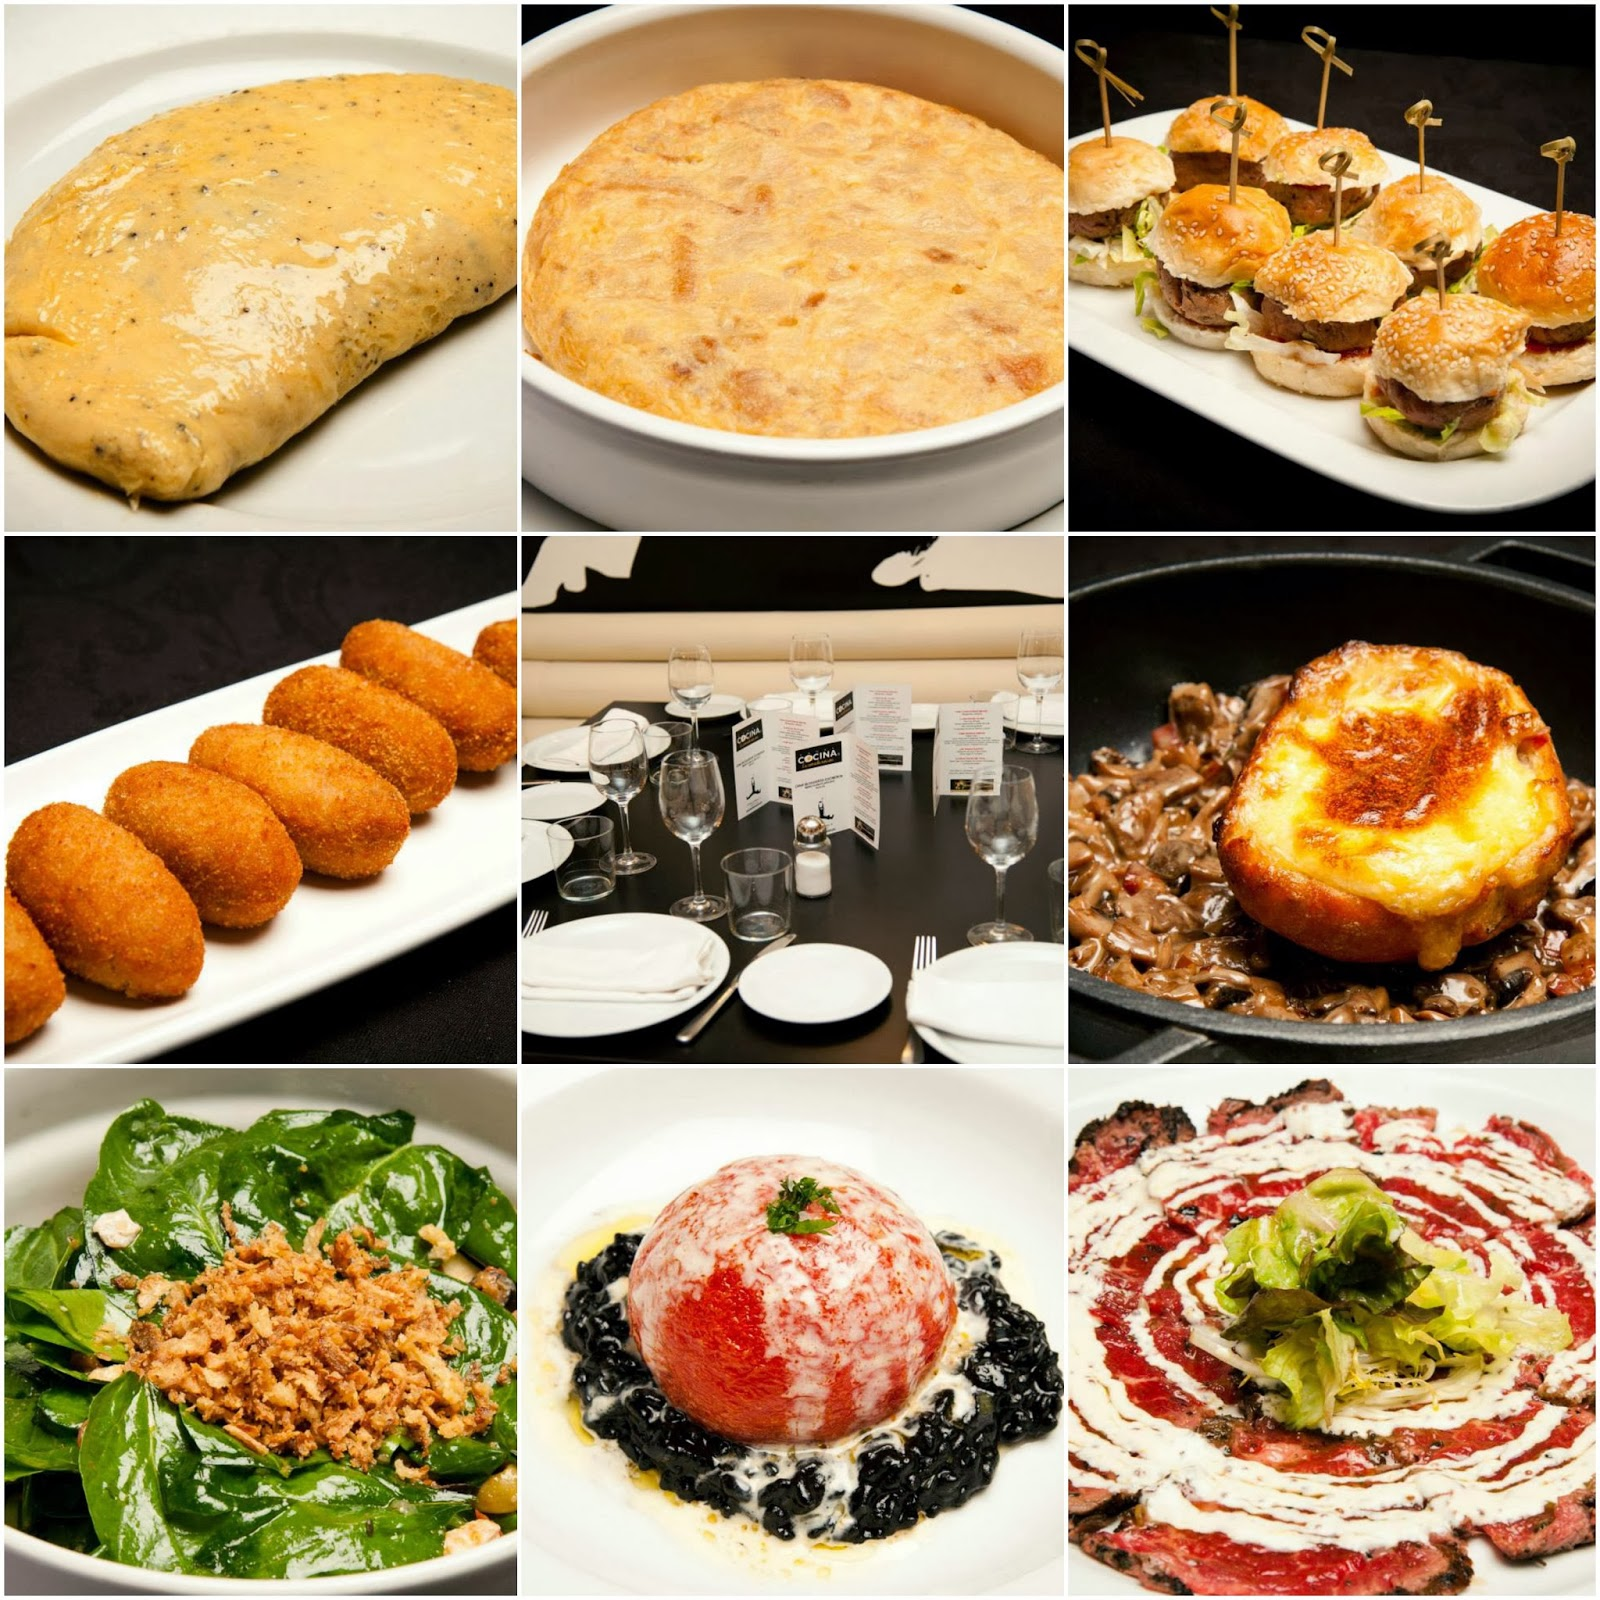 Cena de blogueros cocineros 2013 canal cocina for Cenas frias canal cocina